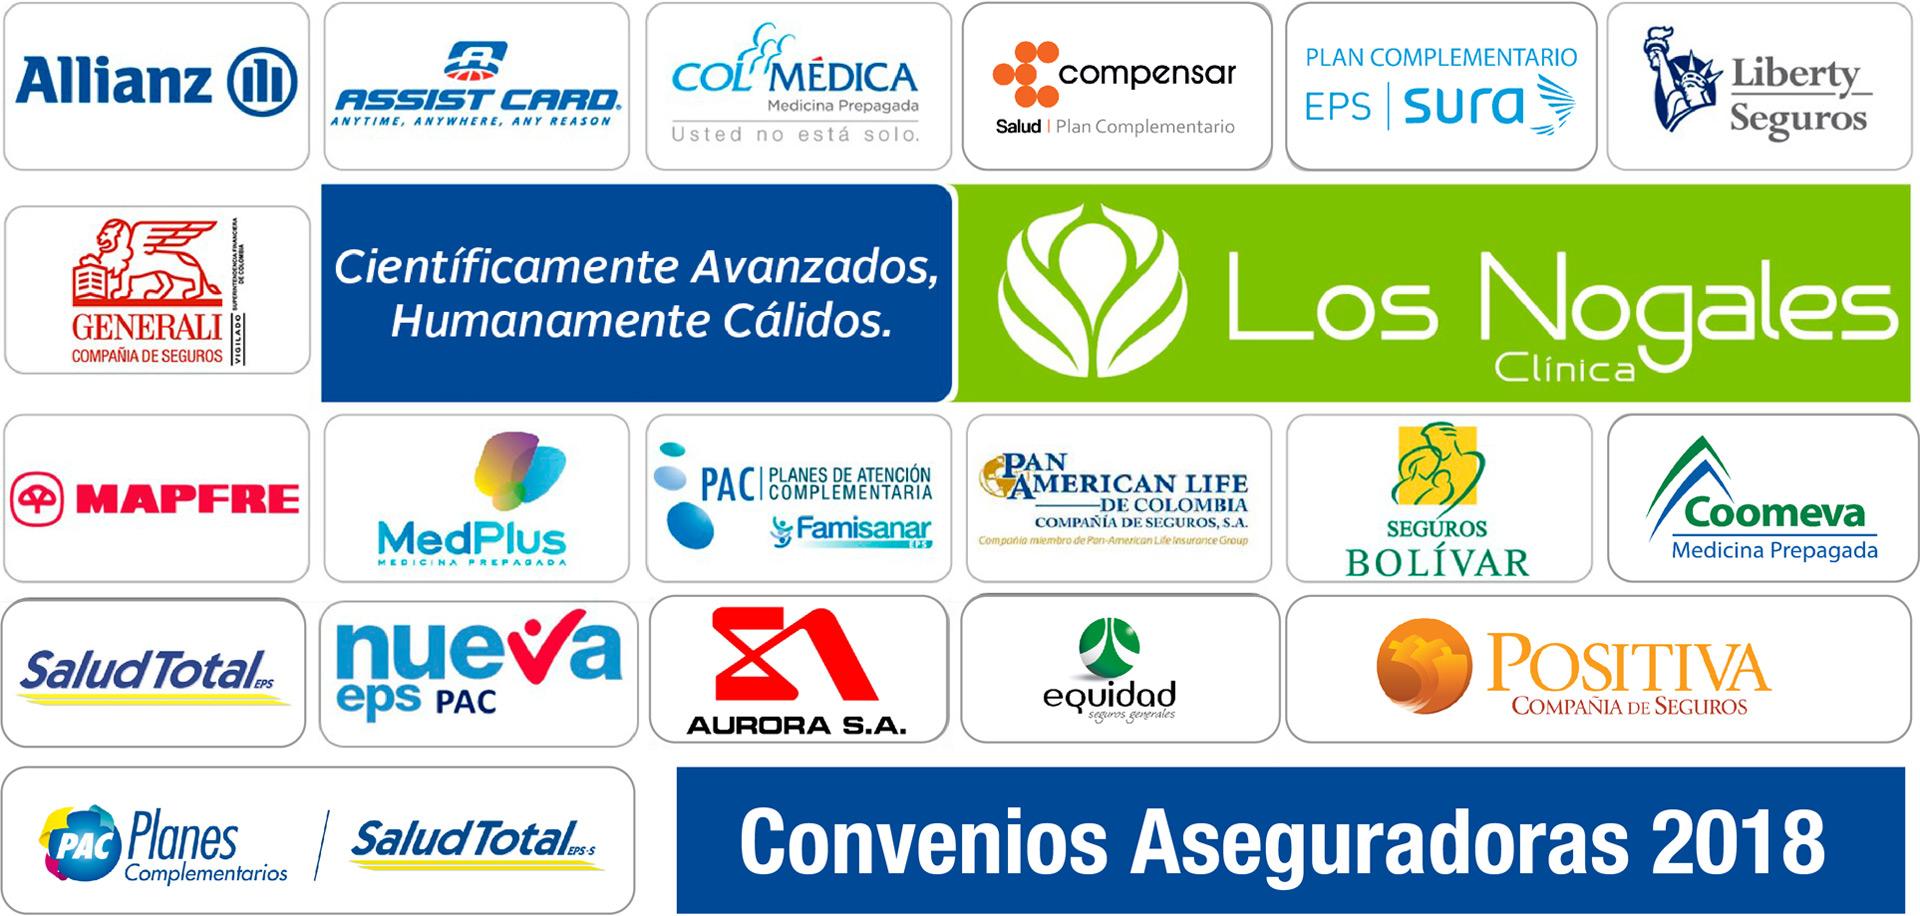 Clínica Los Nogales - Convenios